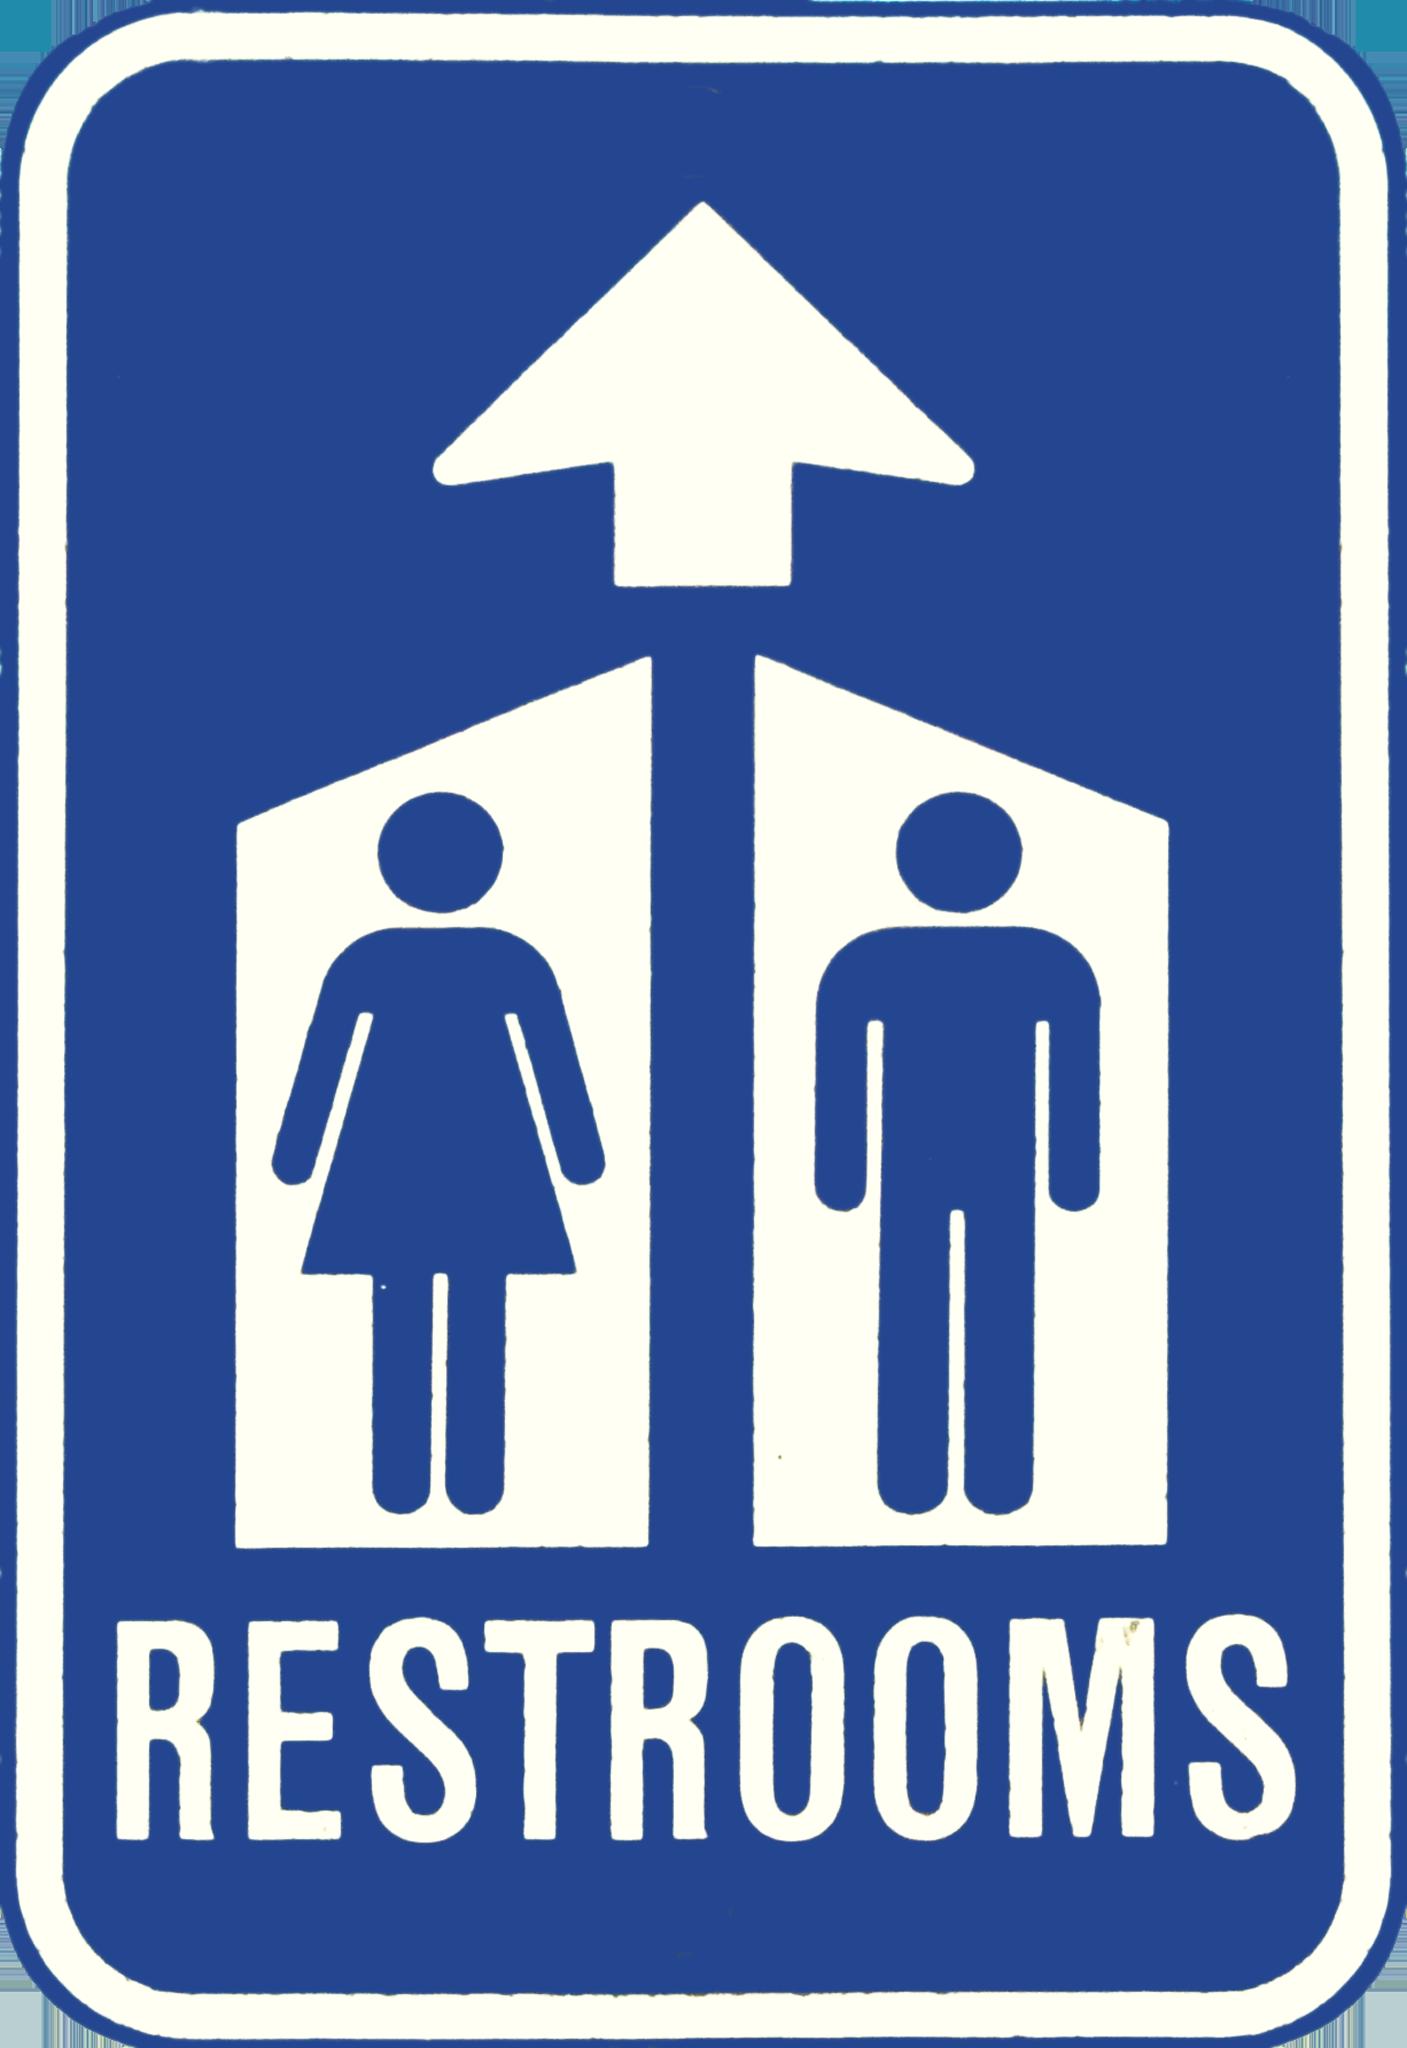 Restrooms Arrow.png